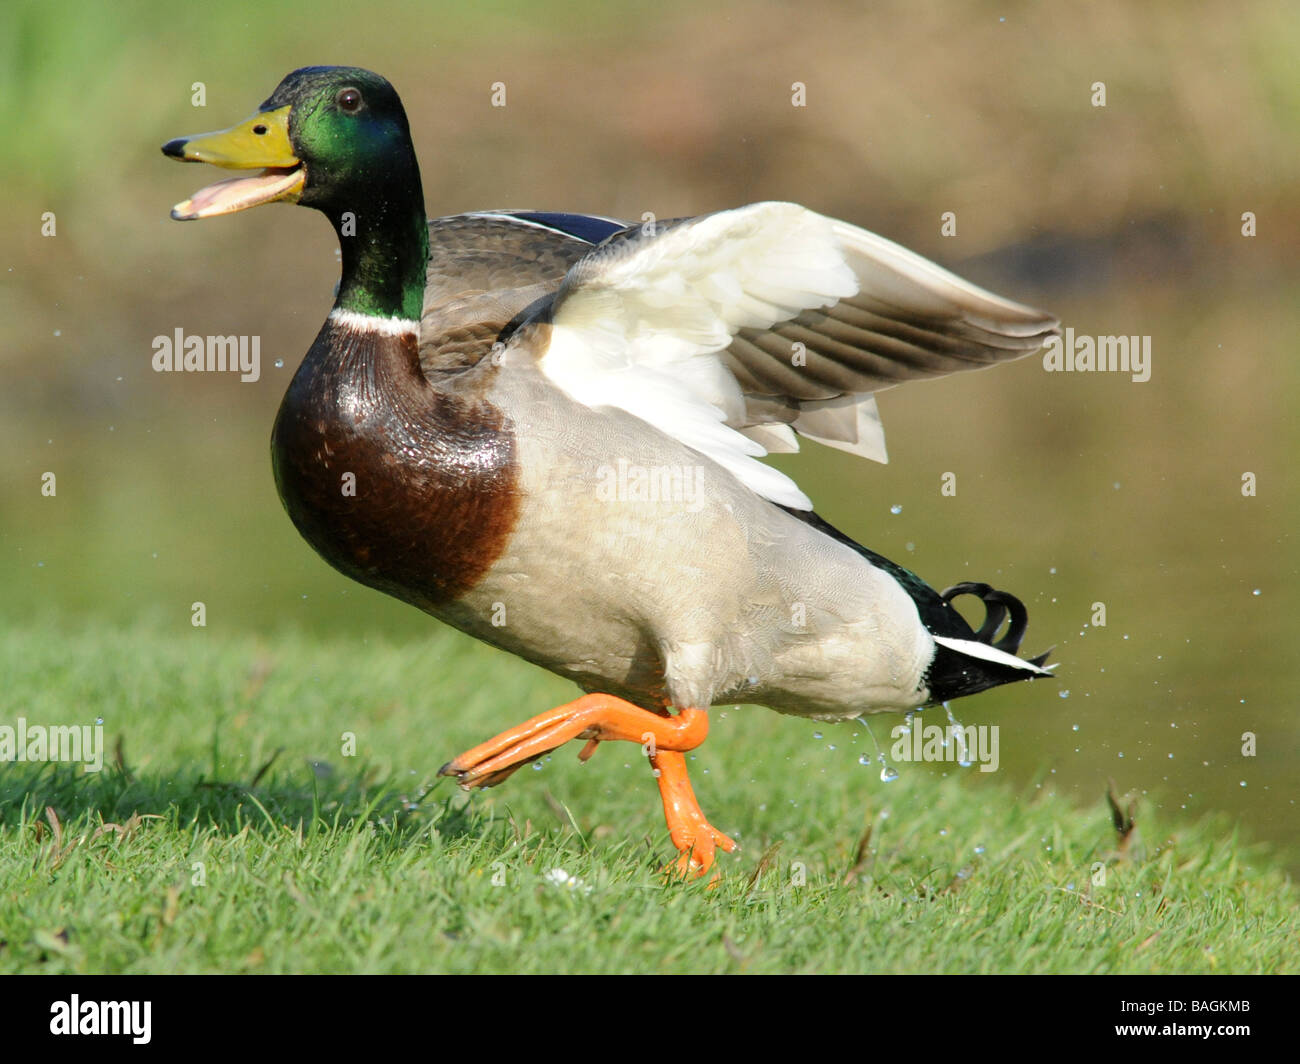 Eine sehr glückliche Ente, ein Lächeln auf den Lippen Ente. Stockbild